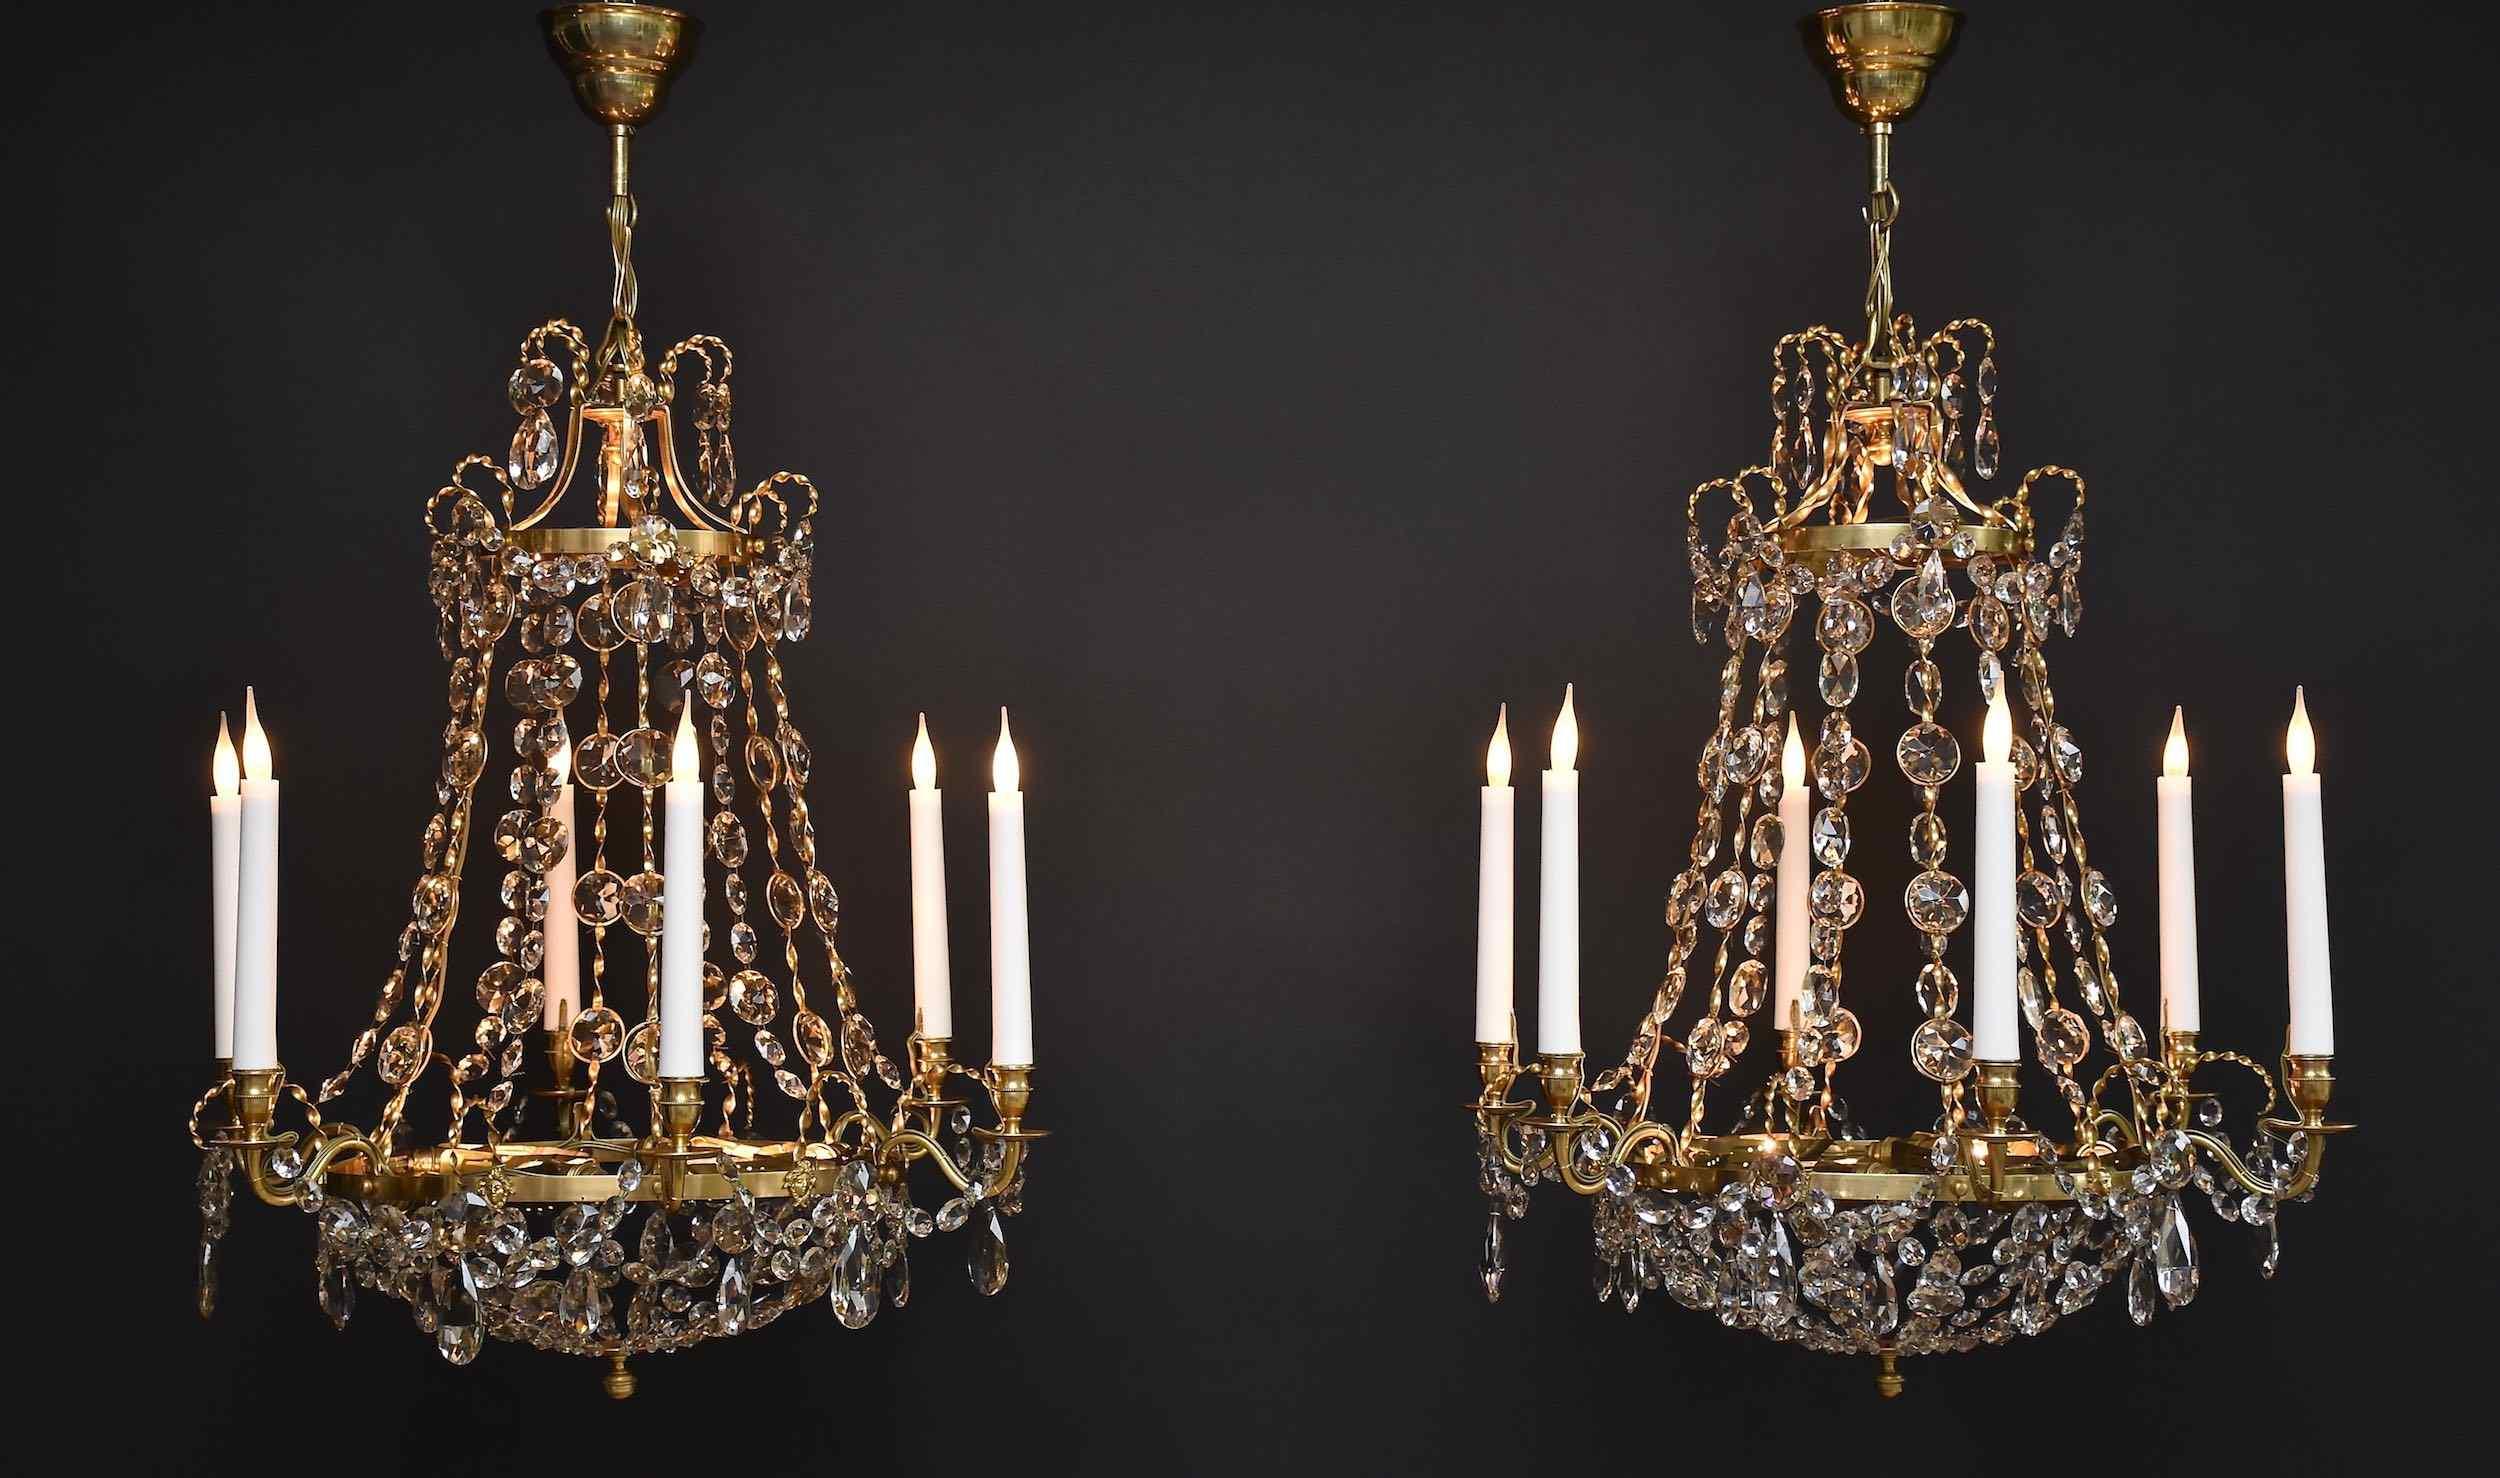 Очень элегантные две люстры в стиле Густава